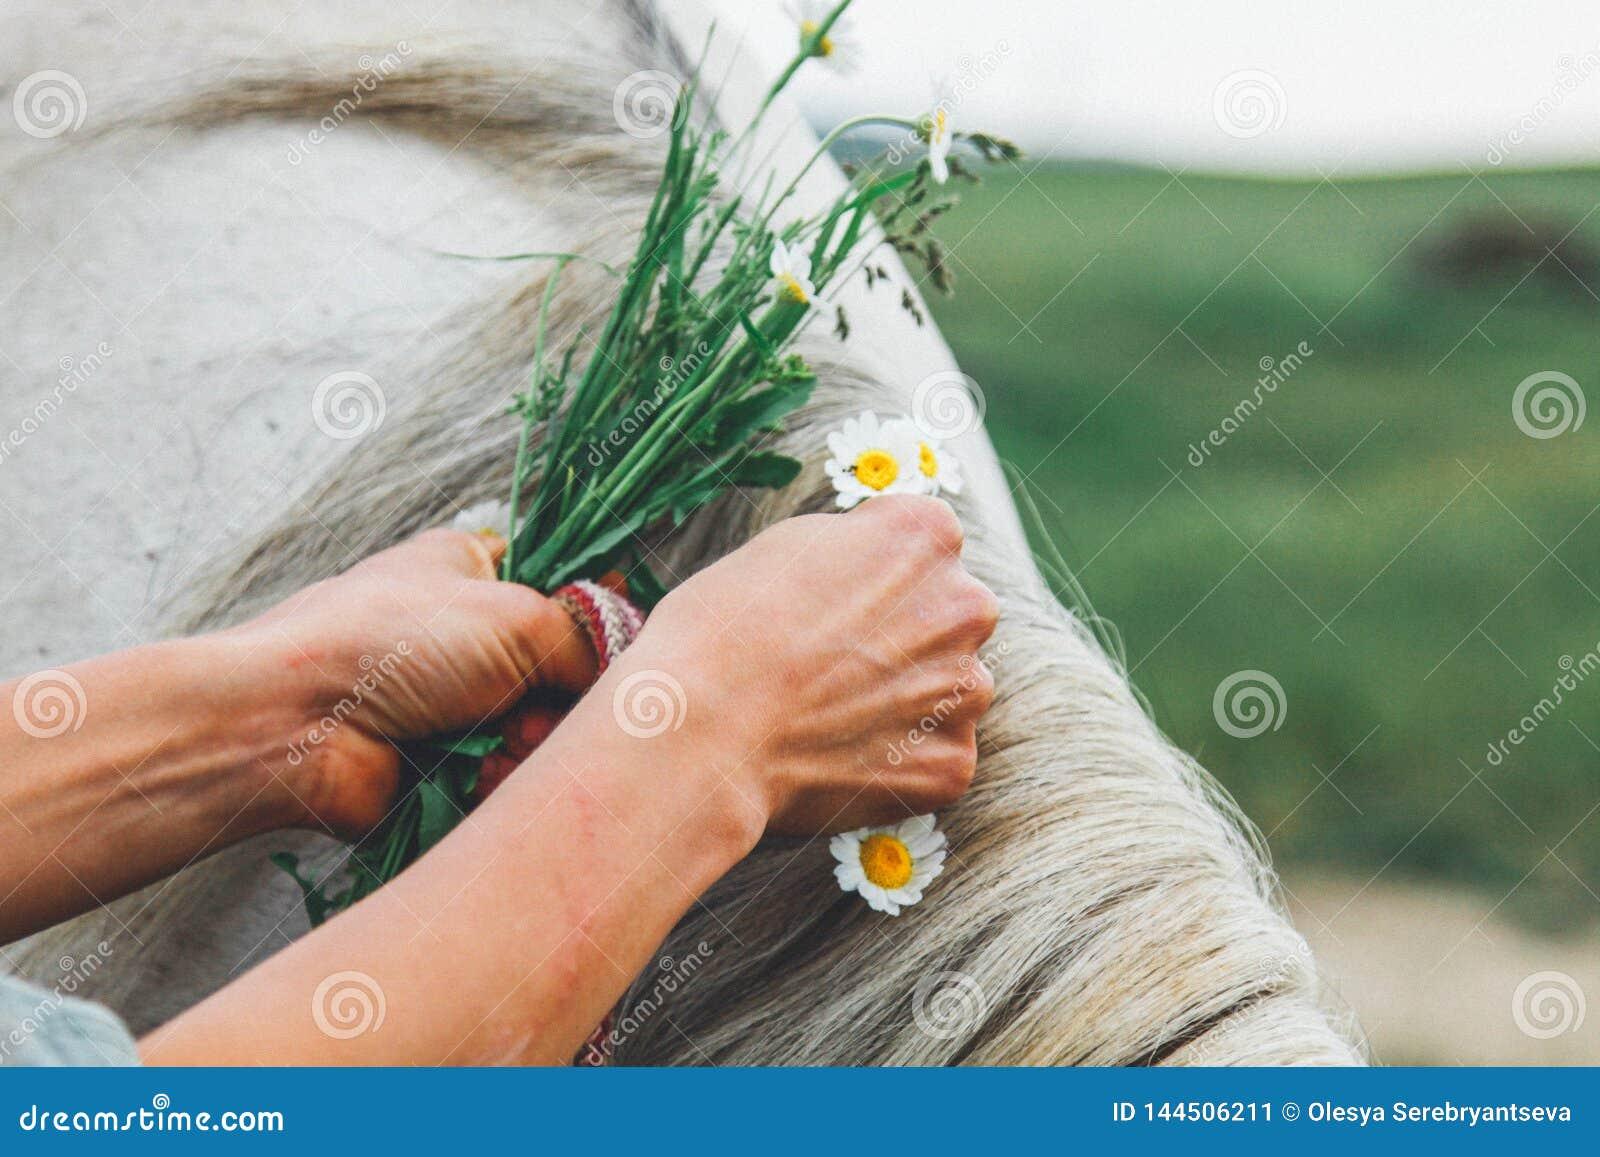 Kobiet ręk warkocz w szarej grzywie koń chamomile